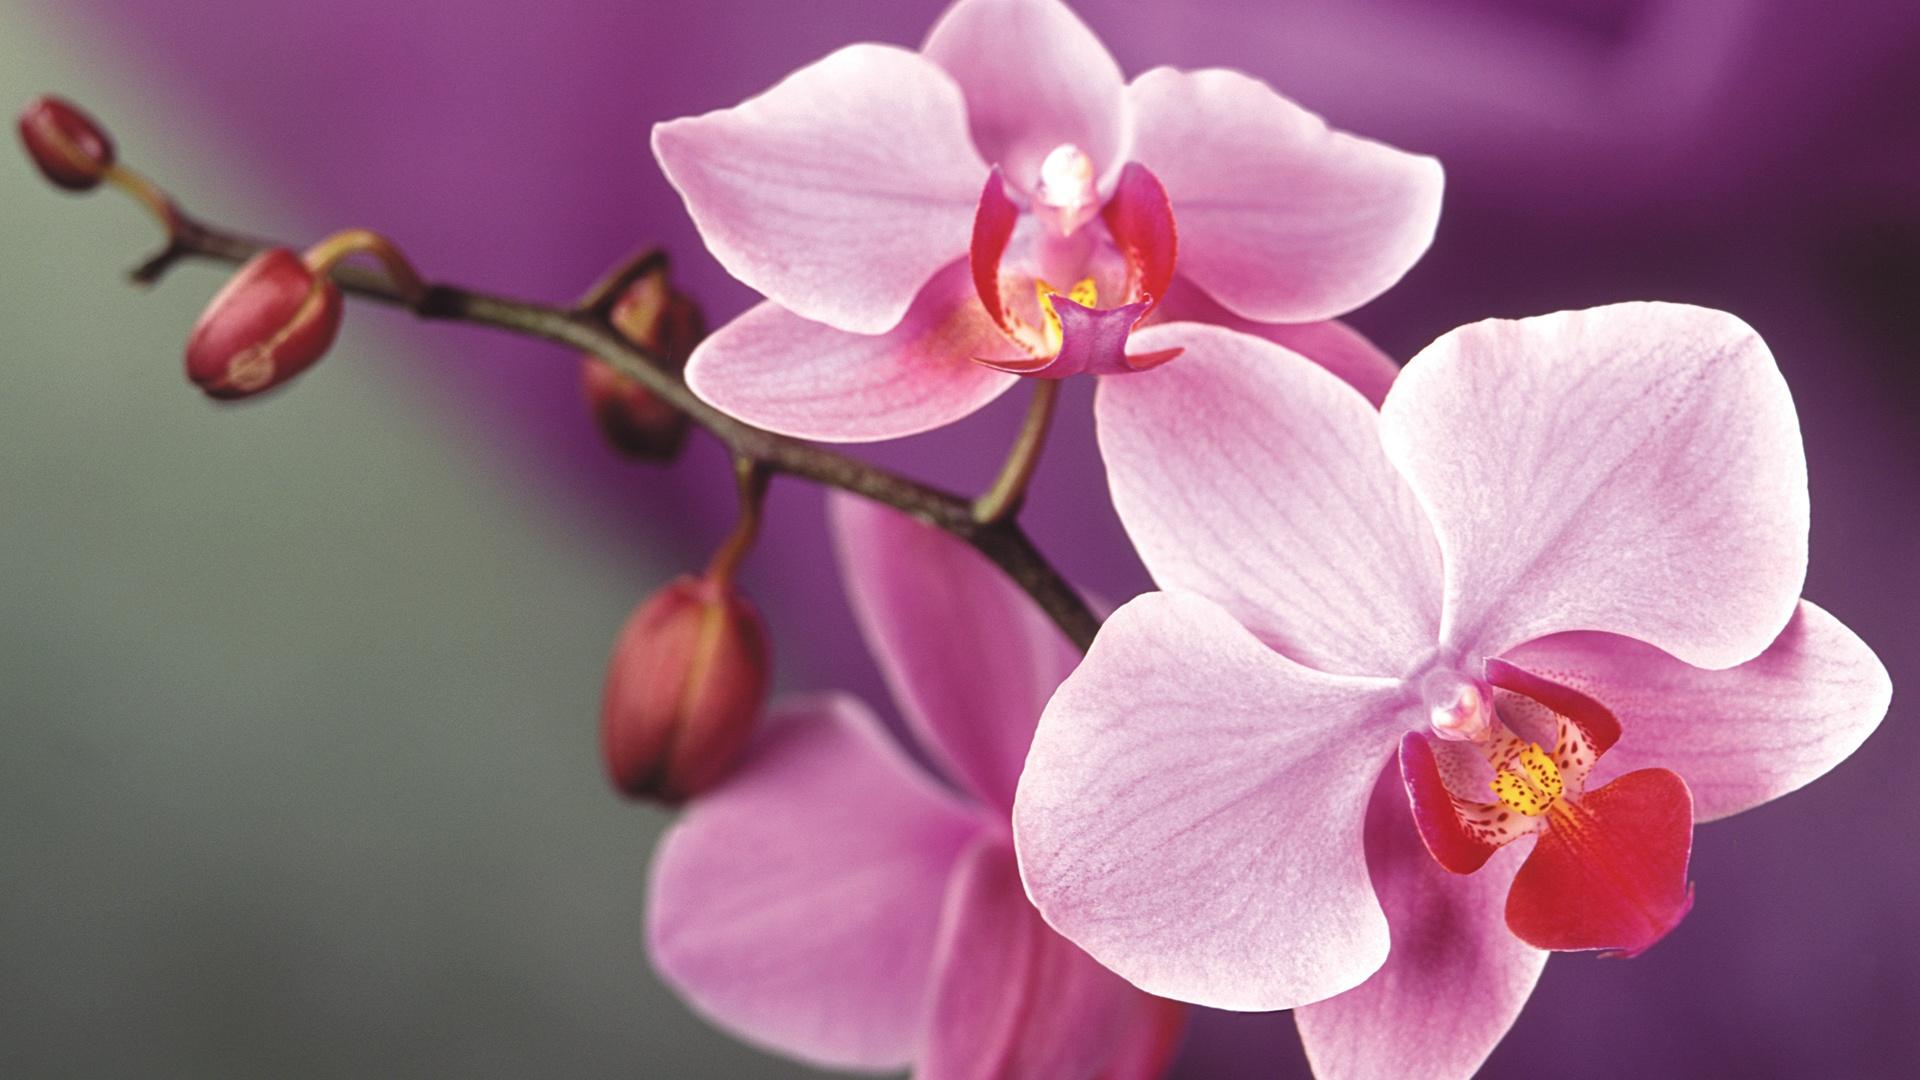 Rosa Orchidee Bluht 1920x1440 Hd Hintergrundbilder Hd Bild